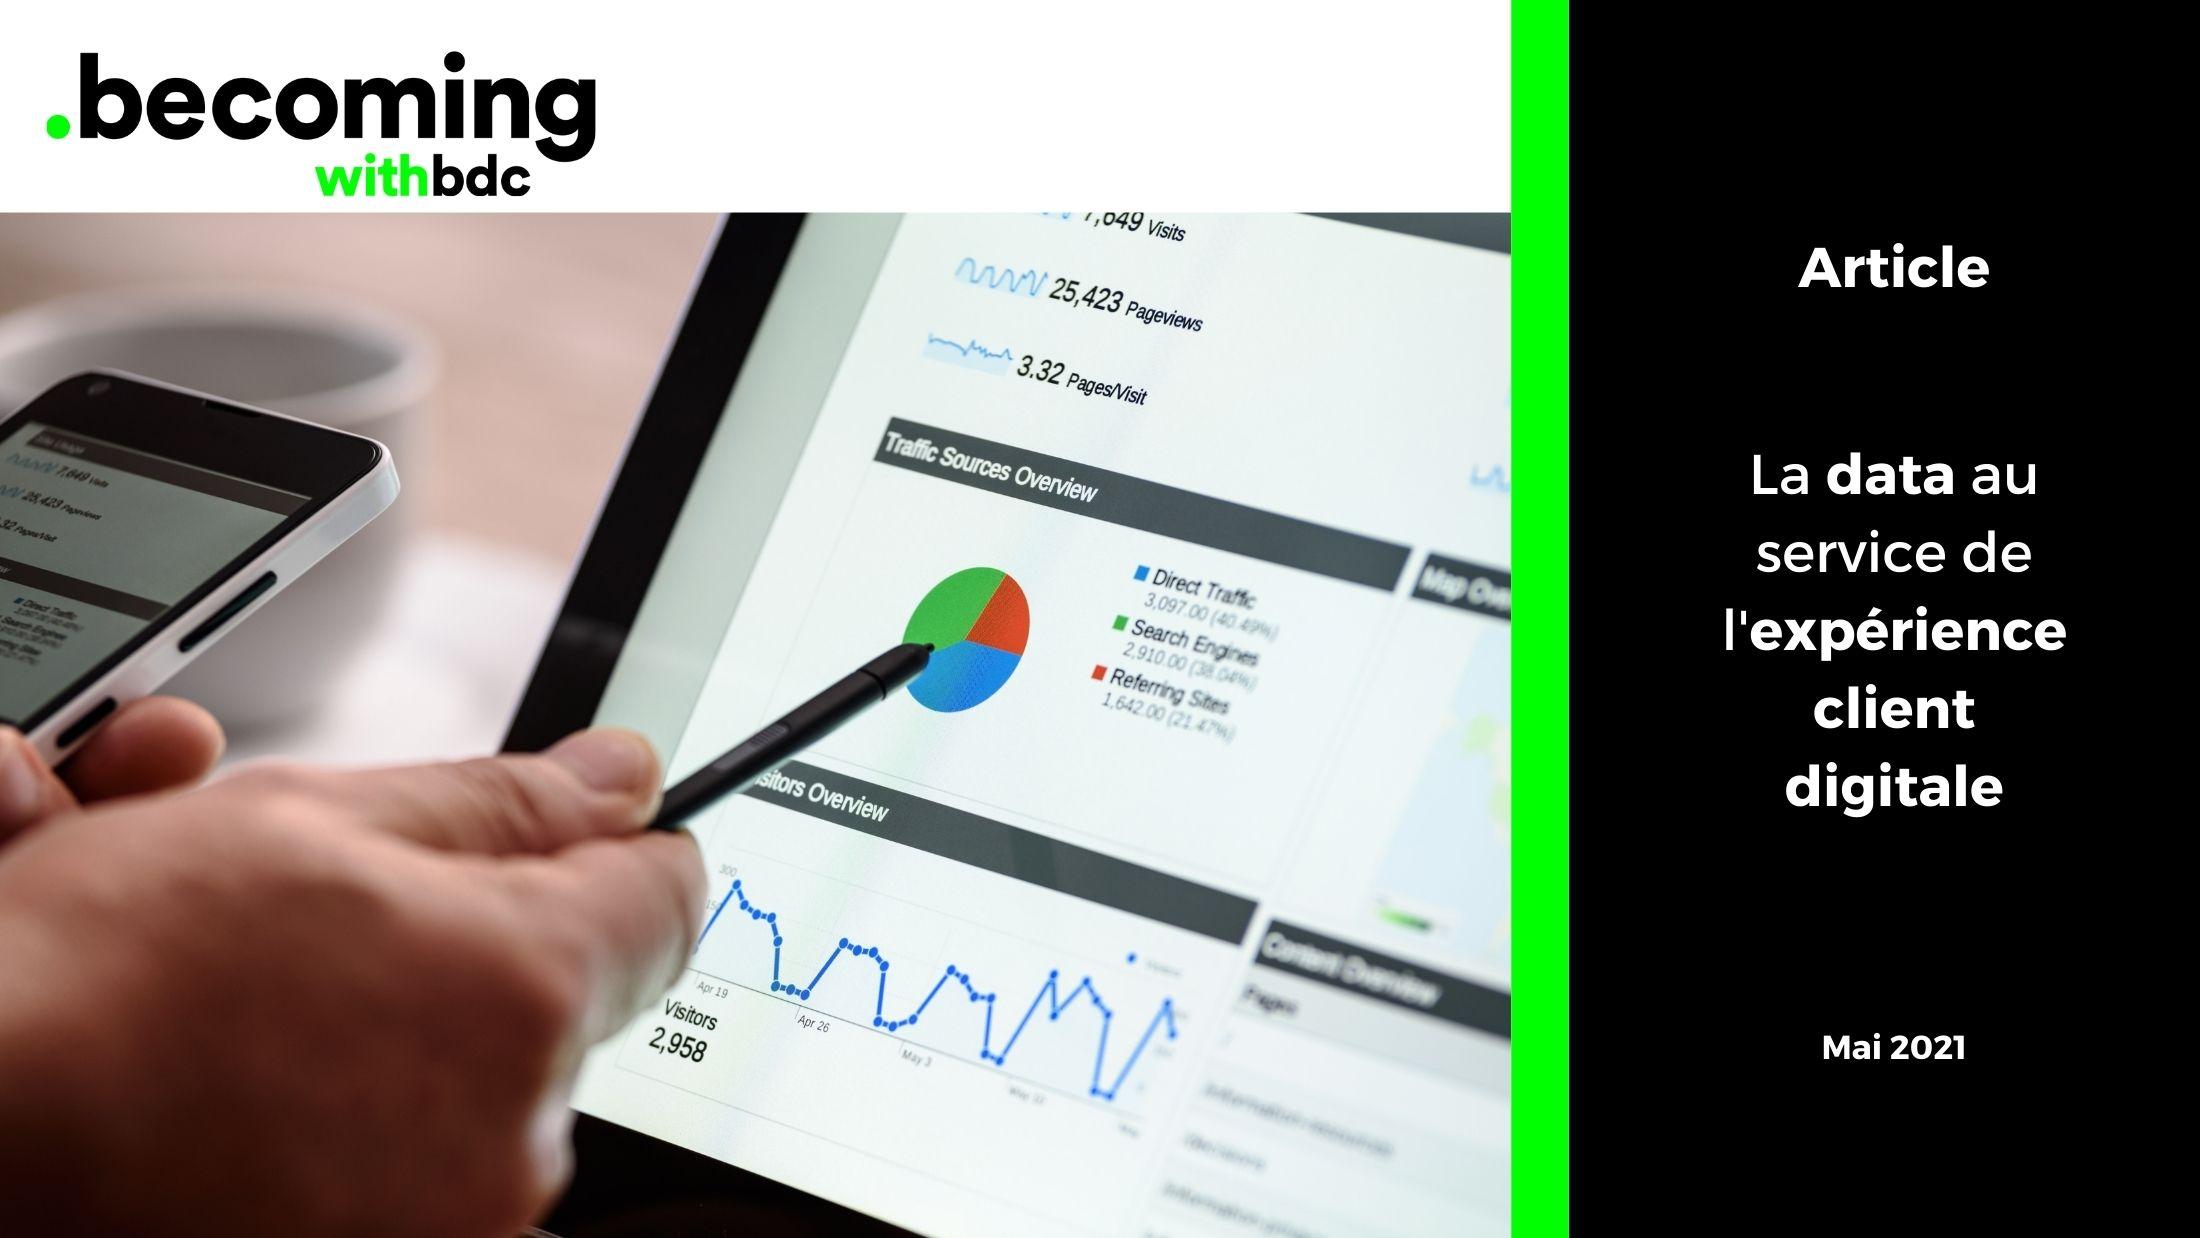 Visuels Reseaux sociaux B.D.C. 20 - La data au service de l'expérience client digitale